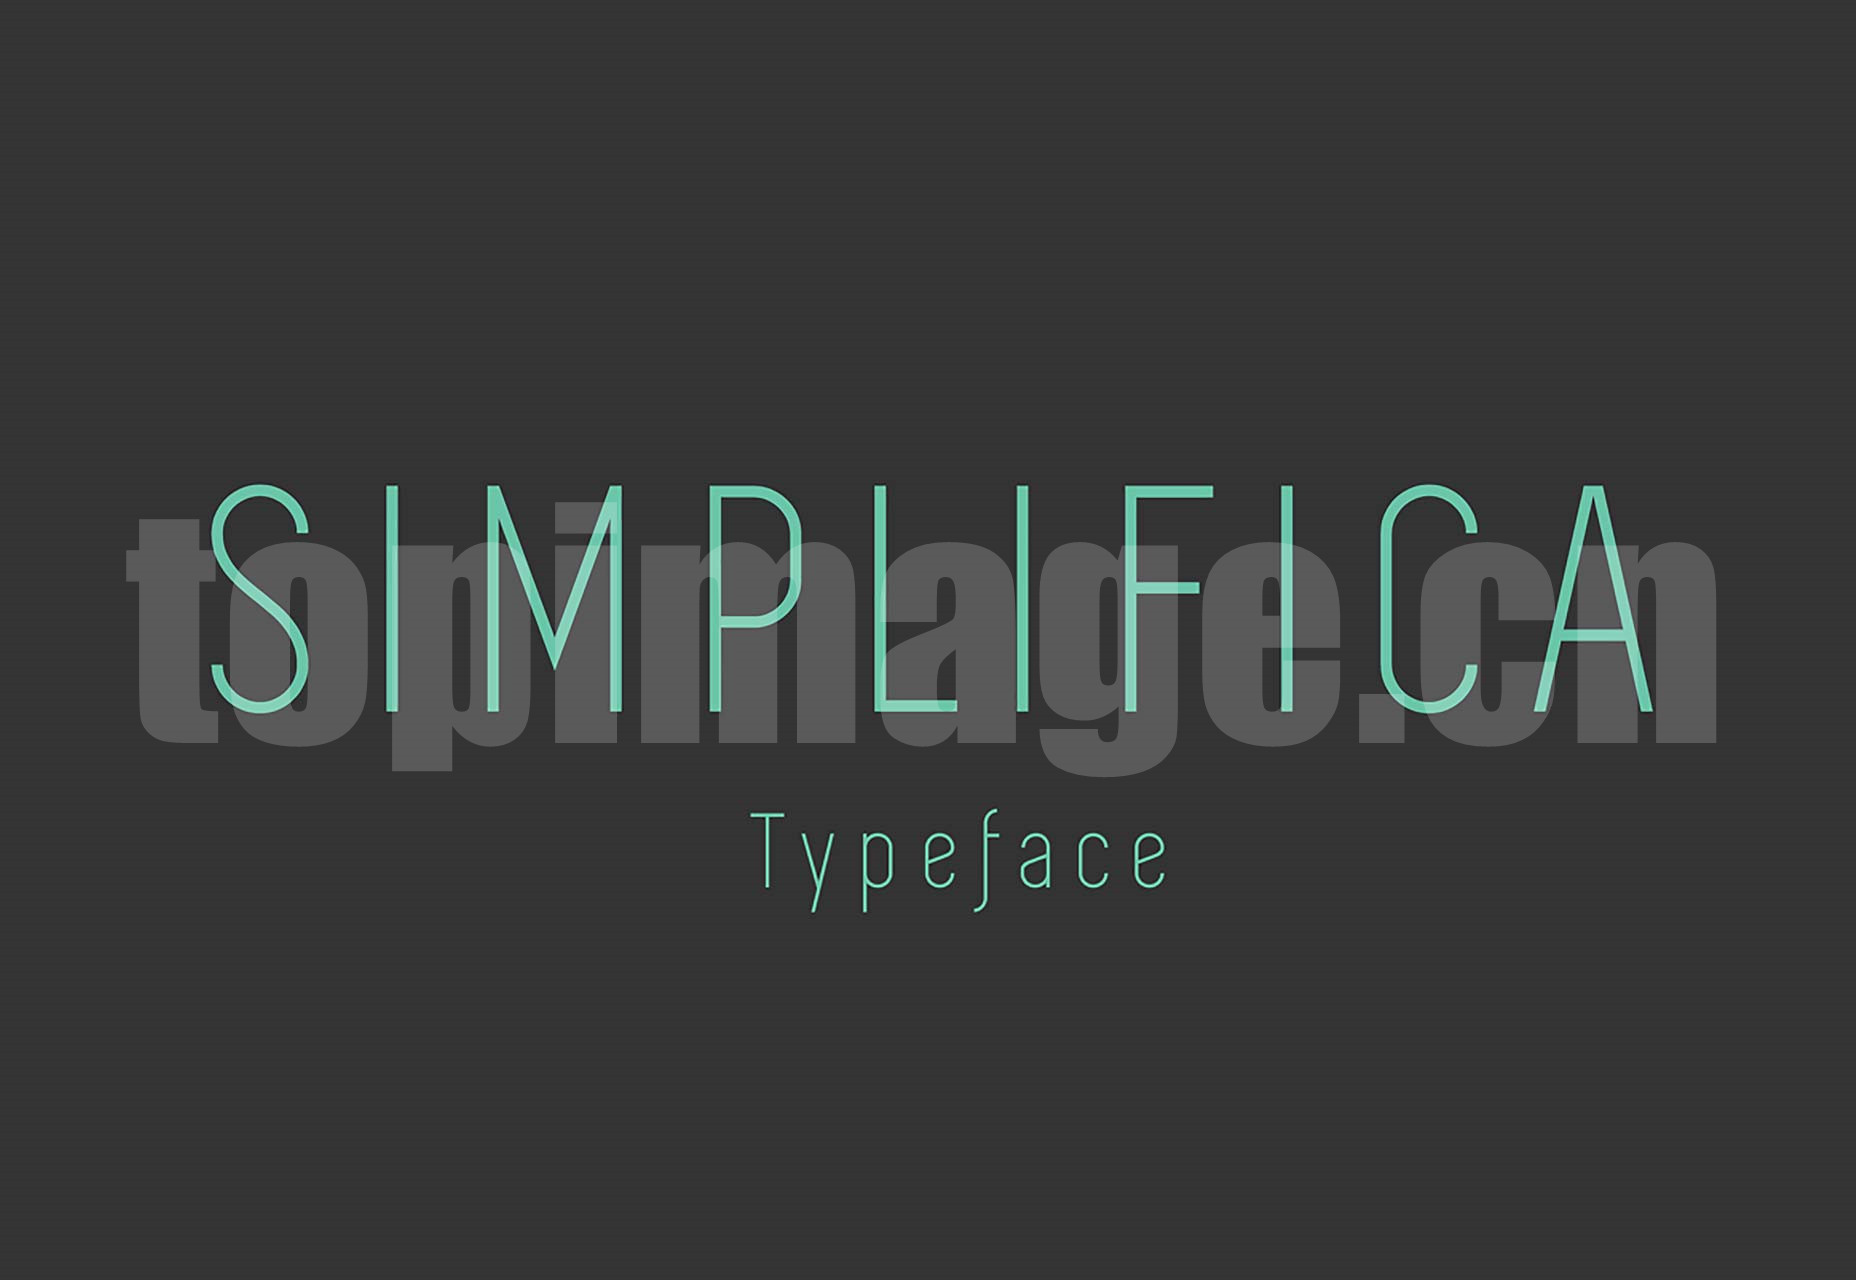 SIMPLIFICA Typeface 简洁纤细 英文字体 logo设计字体下载